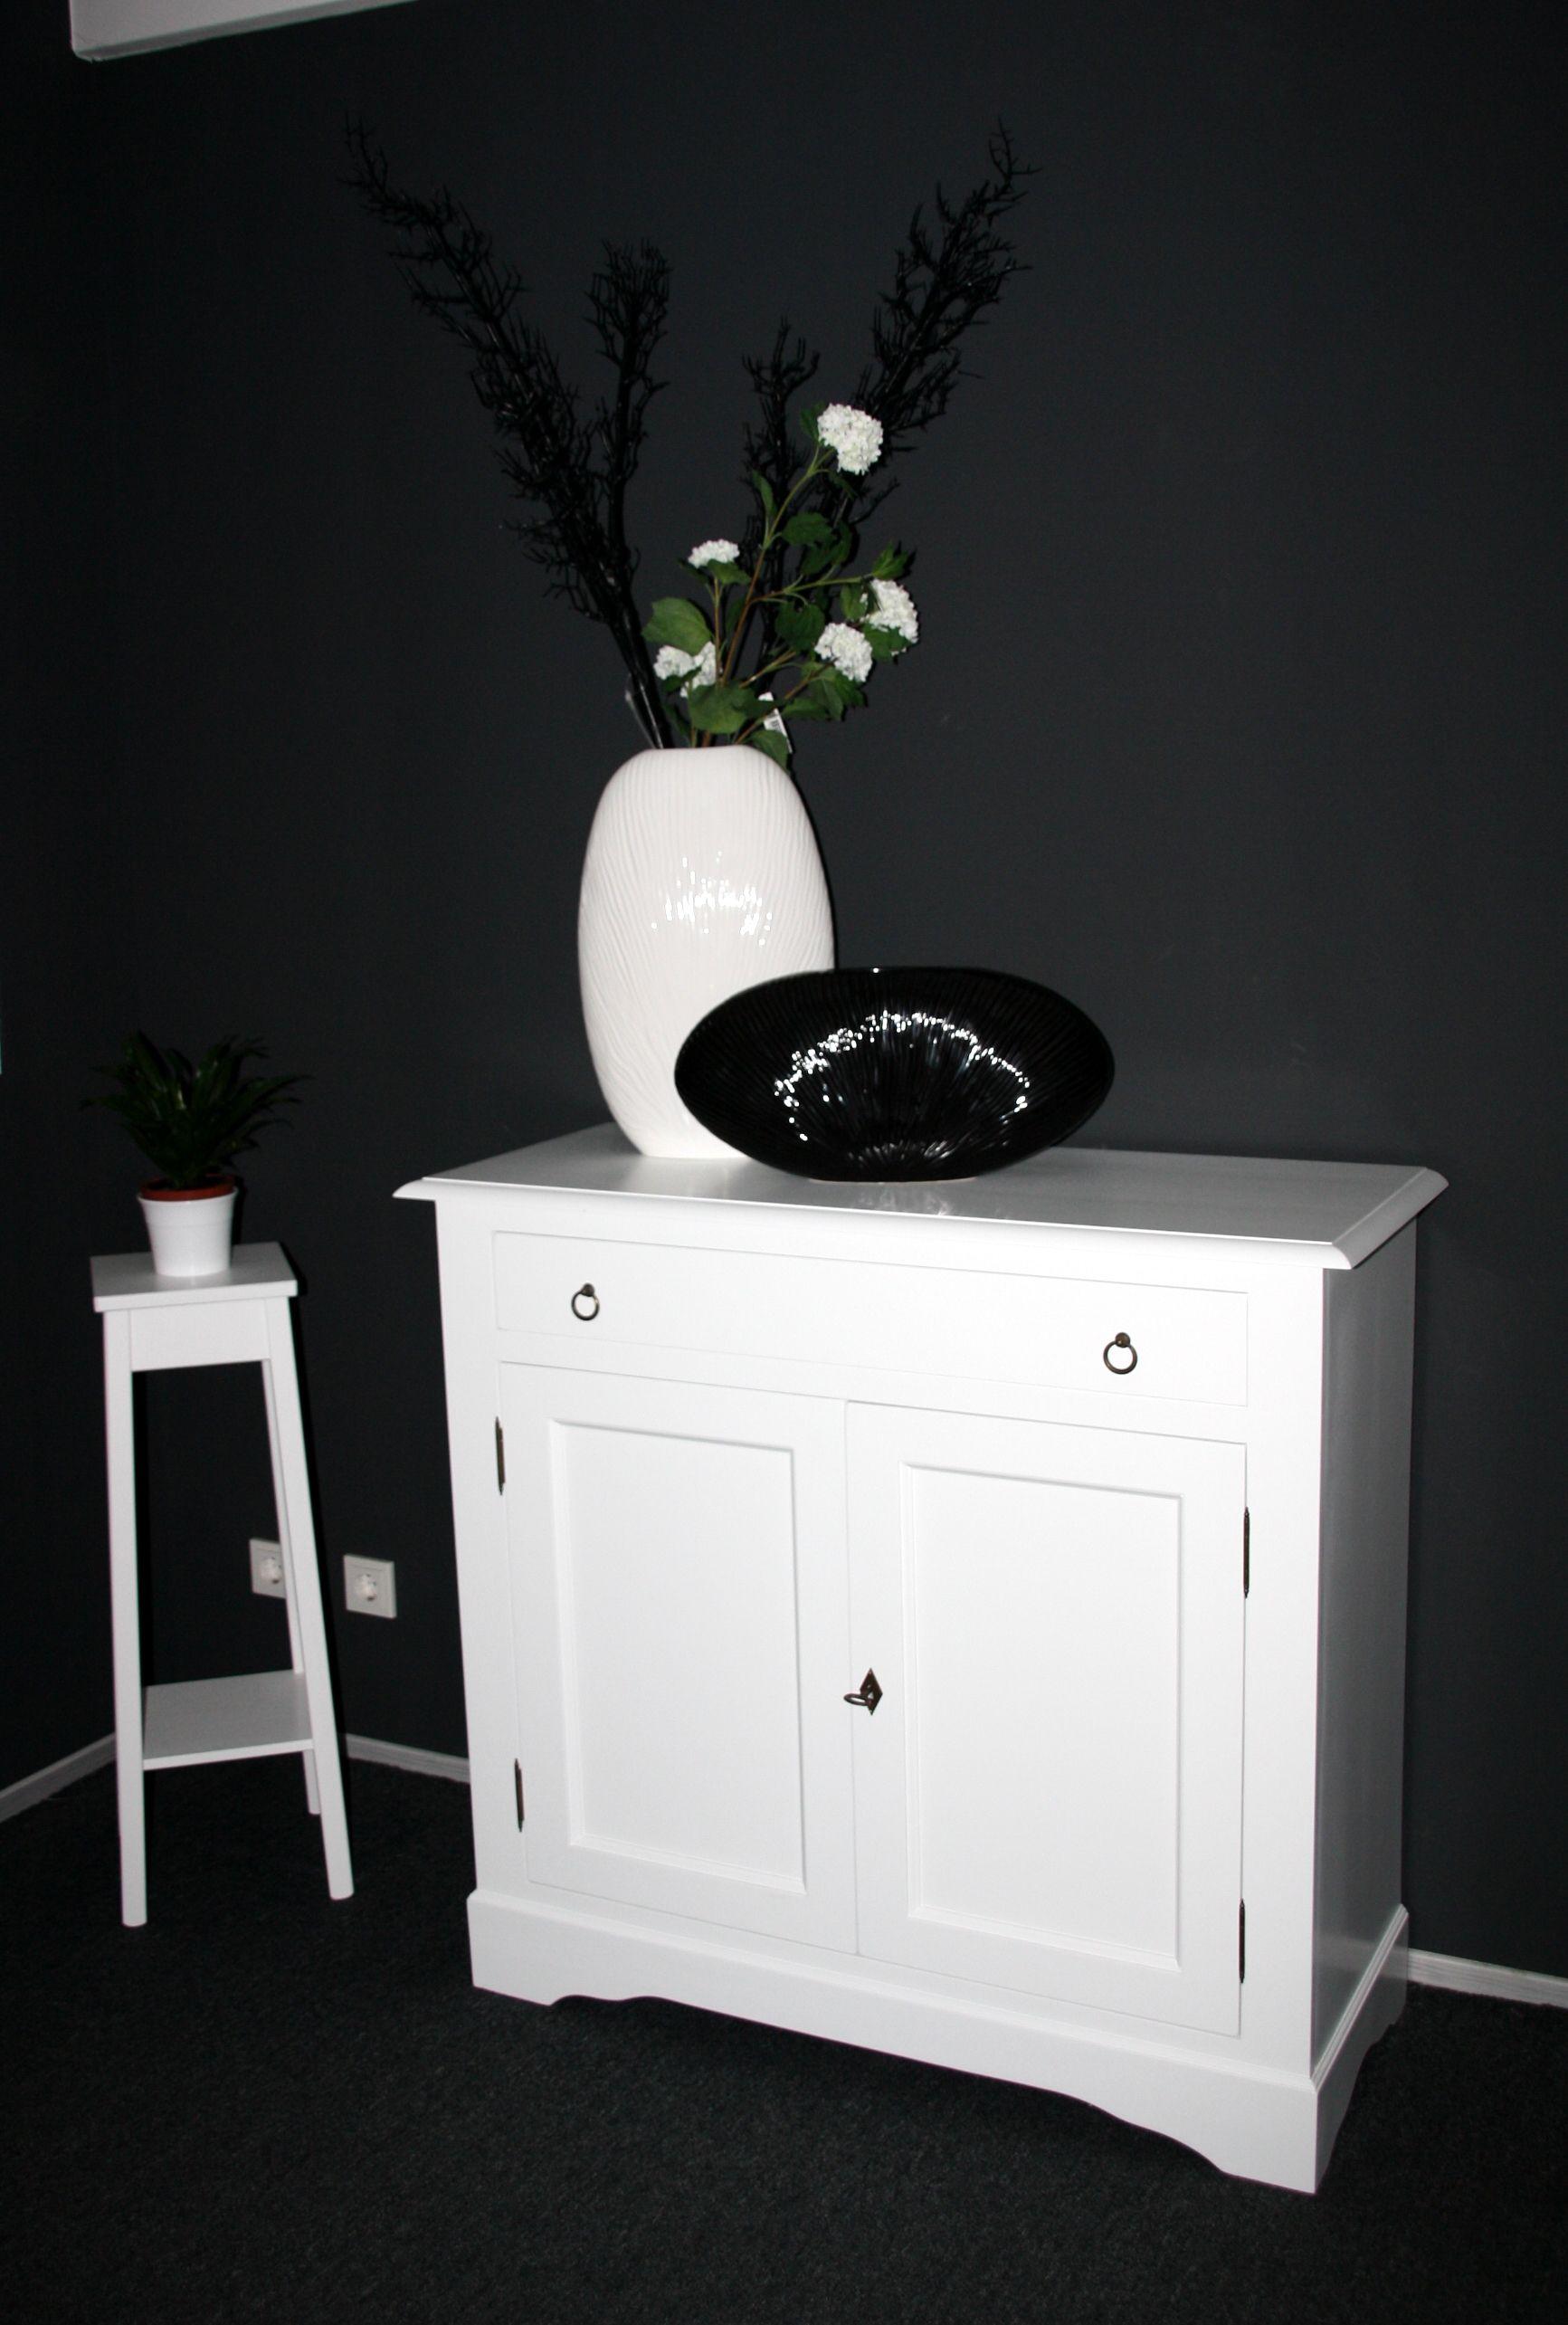 italienische design mobel kommode weiss mit schublade italienische design mobel anrichte weiss italienische design mobel sideboard weiss